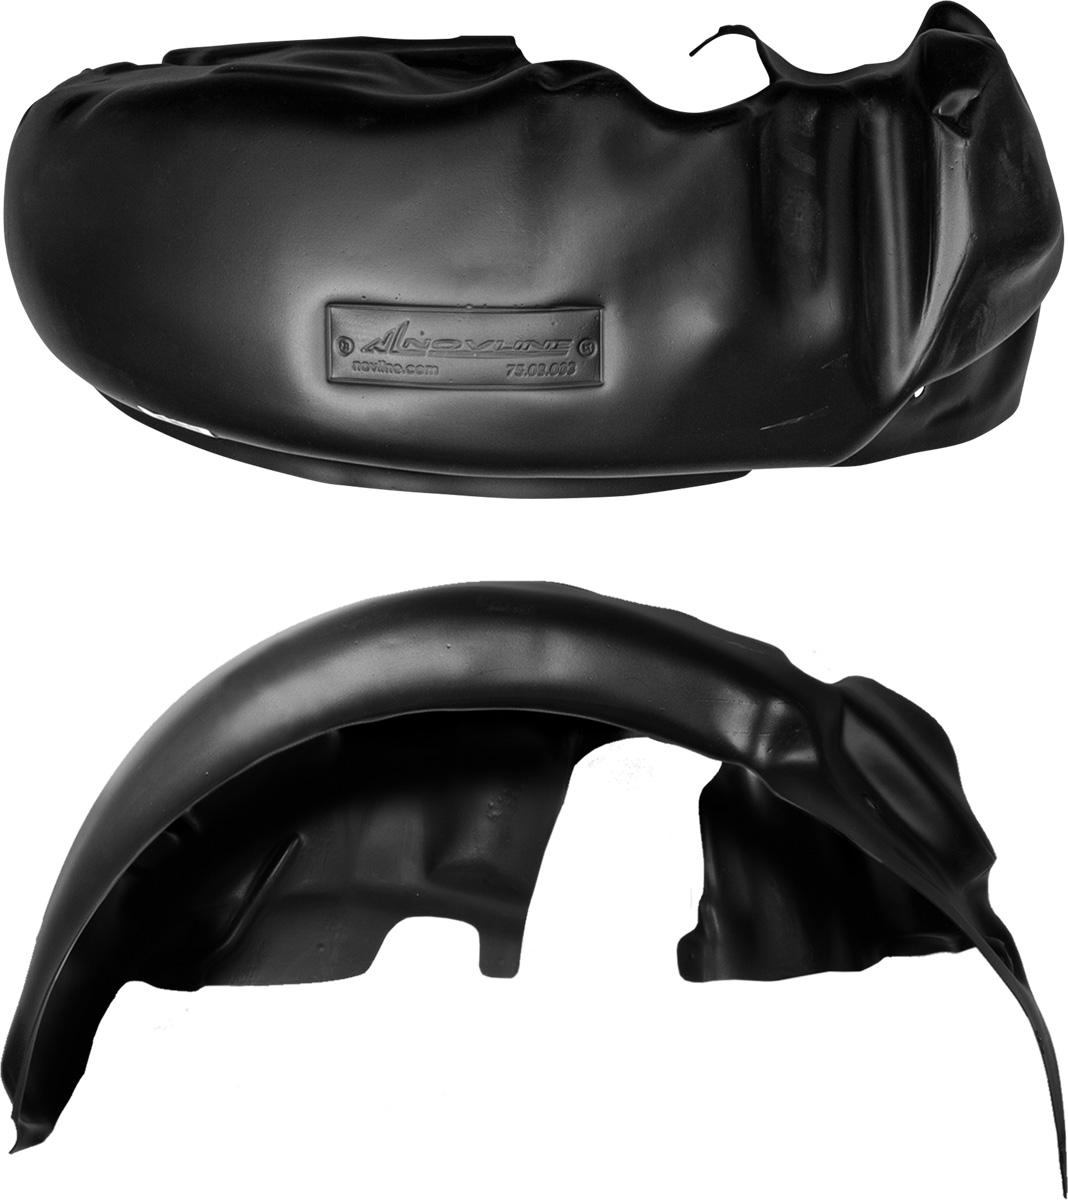 Подкрылок Novline-Autofamily, для Daewoo Nexia 1995-2007, 2007 -> (задний левый)2103Подкрылок выполнен из высококачественного, экологически чистого пластика. Обеспечивает надежную защиту кузова автомобиля от пескоструйного эффекта и негативного влияния, агрессивных антигололедных реагентов. Пластик обладает более низкой теплопроводностью, чем металл, поэтому в зимний период эксплуатации использование пластиковых подкрылков позволяет лучше защитить колесные ниши от налипания снега и образования наледи. Оригинальность конструкции подчеркивает элегантность автомобиля, бережно защищает нанесенное на днище кузова антикоррозийное покрытие и позволяет осуществить крепление подкрылка внутри колесной арки практически без дополнительного крепежа и сверления, не нарушая при этом лакокрасочного покрытия, что предотвращает возникновение новых очагов коррозии. Технология крепления подкрылка на иномарки принципиально отличается от крепления на российские автомобили и разрабатывается индивидуально для каждой модели автомобиля. Подкрылок долговечен, обладает высокой прочностью и...